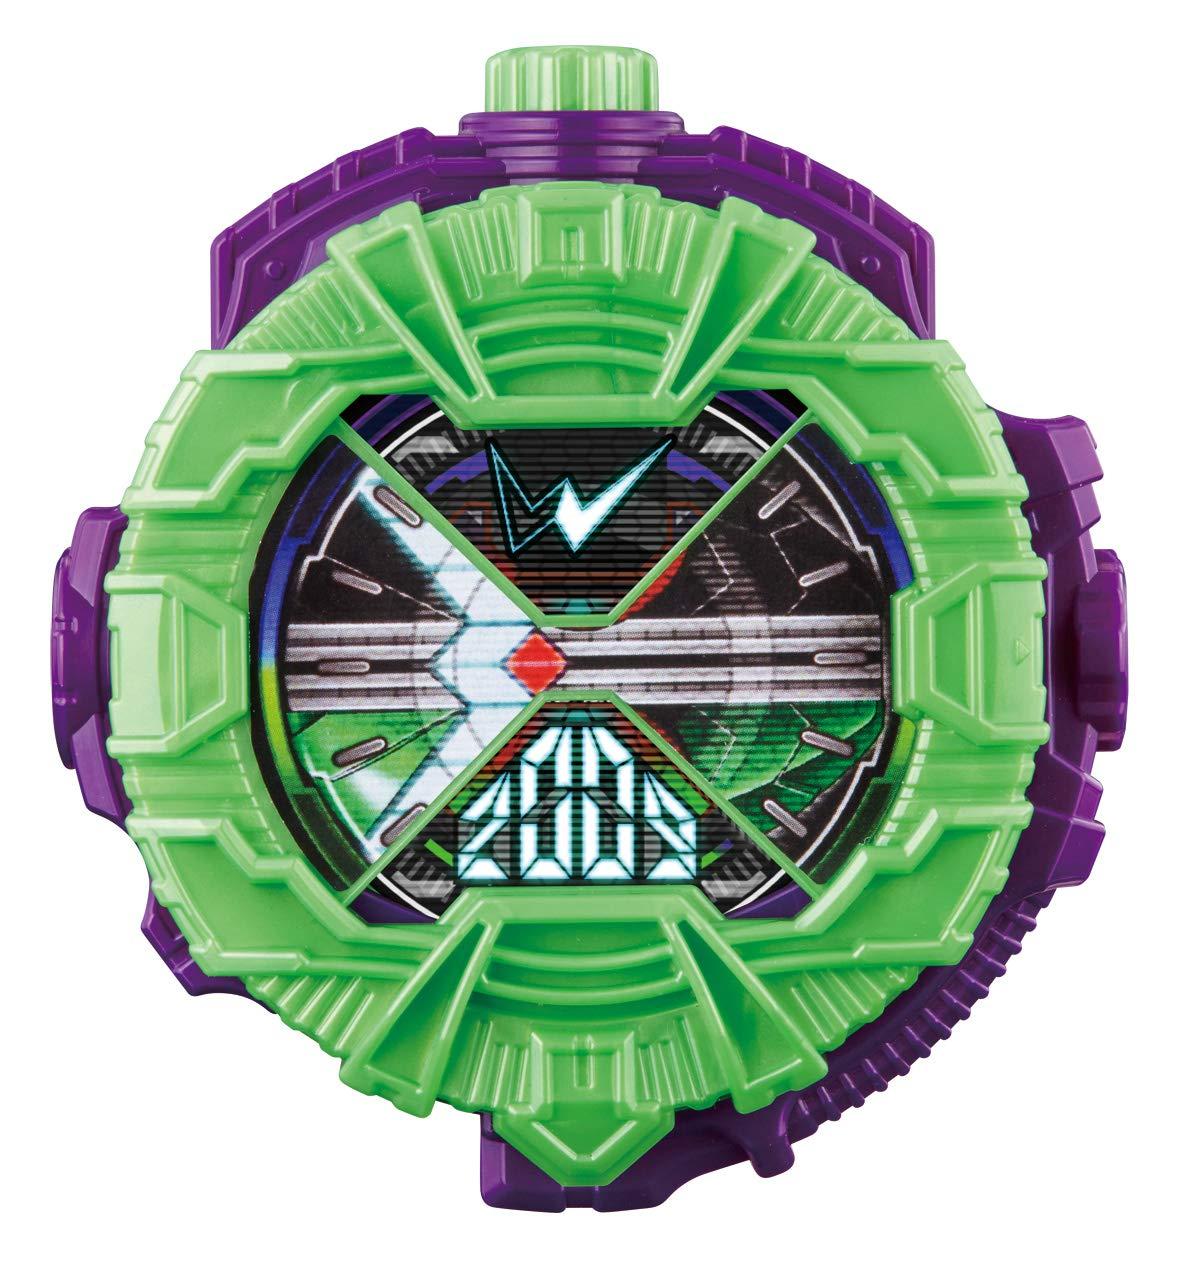 BANDAI 假面騎士 時王 ZIO DX W 錶頭 日本進口正版【預購】【星野日本玩具】